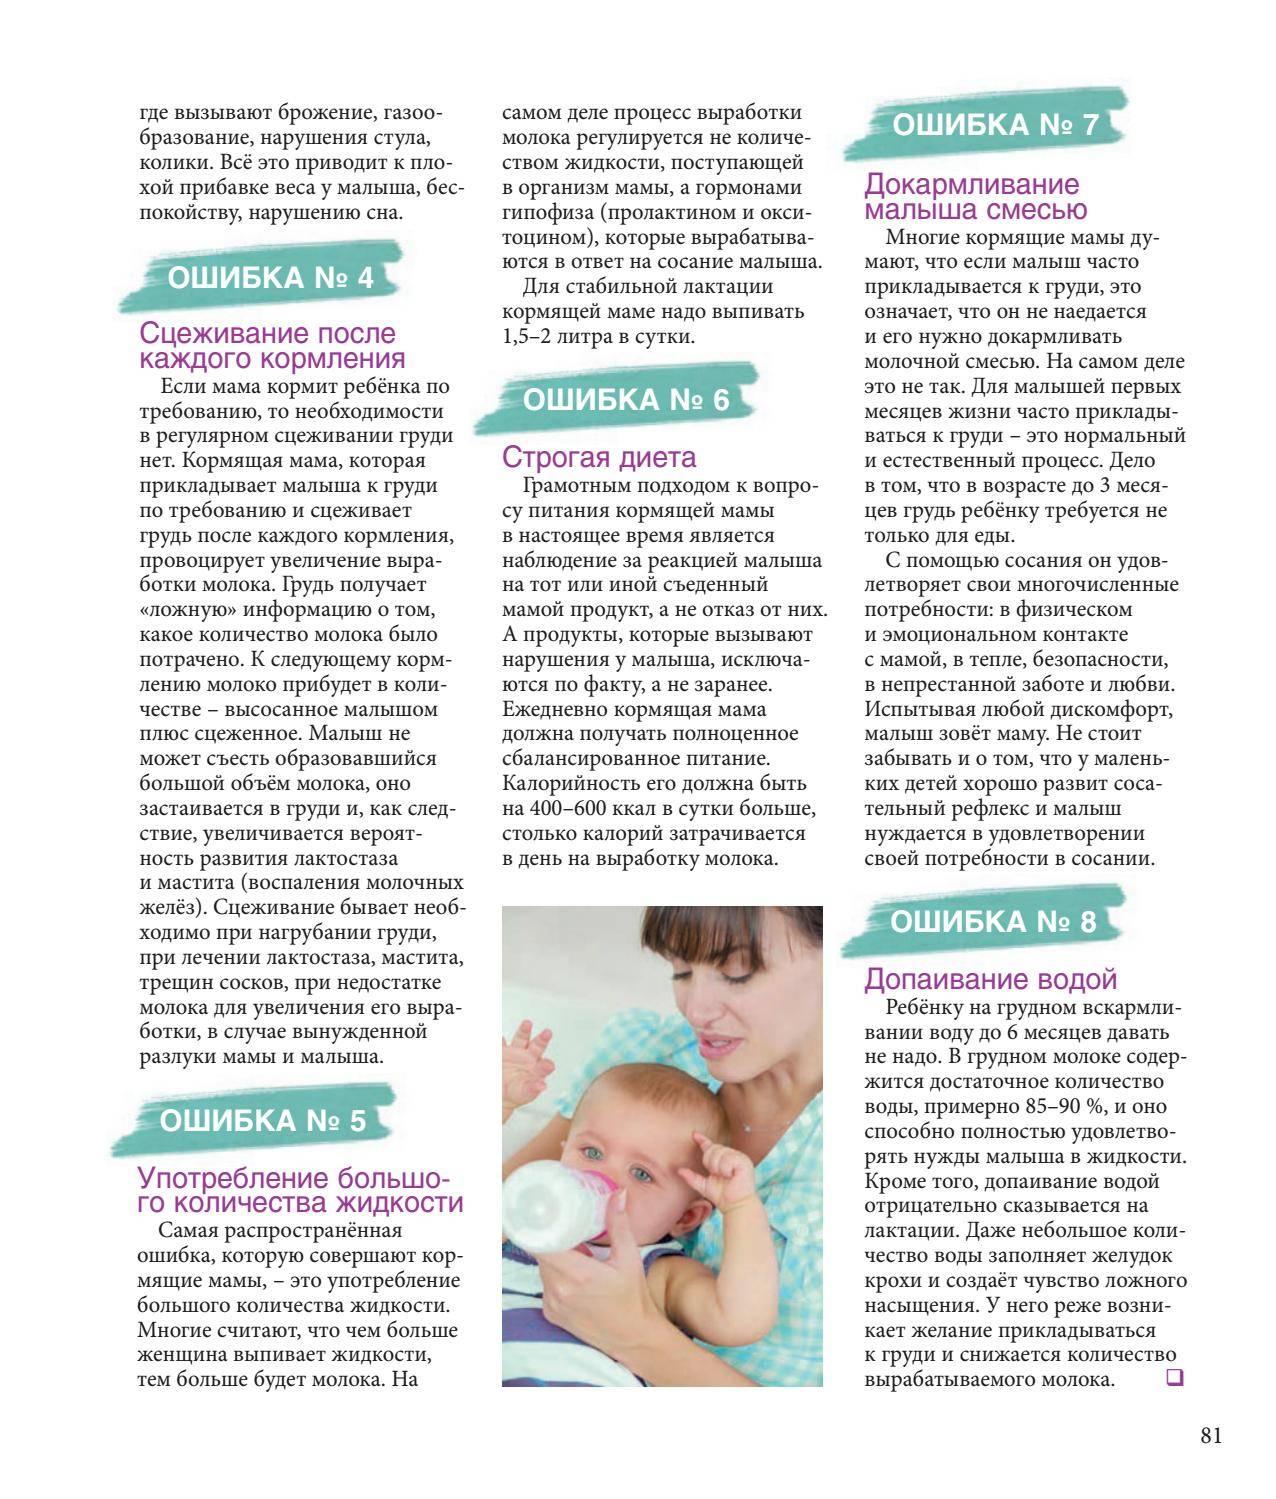 Каким должно быть питание мамы, чтобы у ребенка не было газов и т.п.